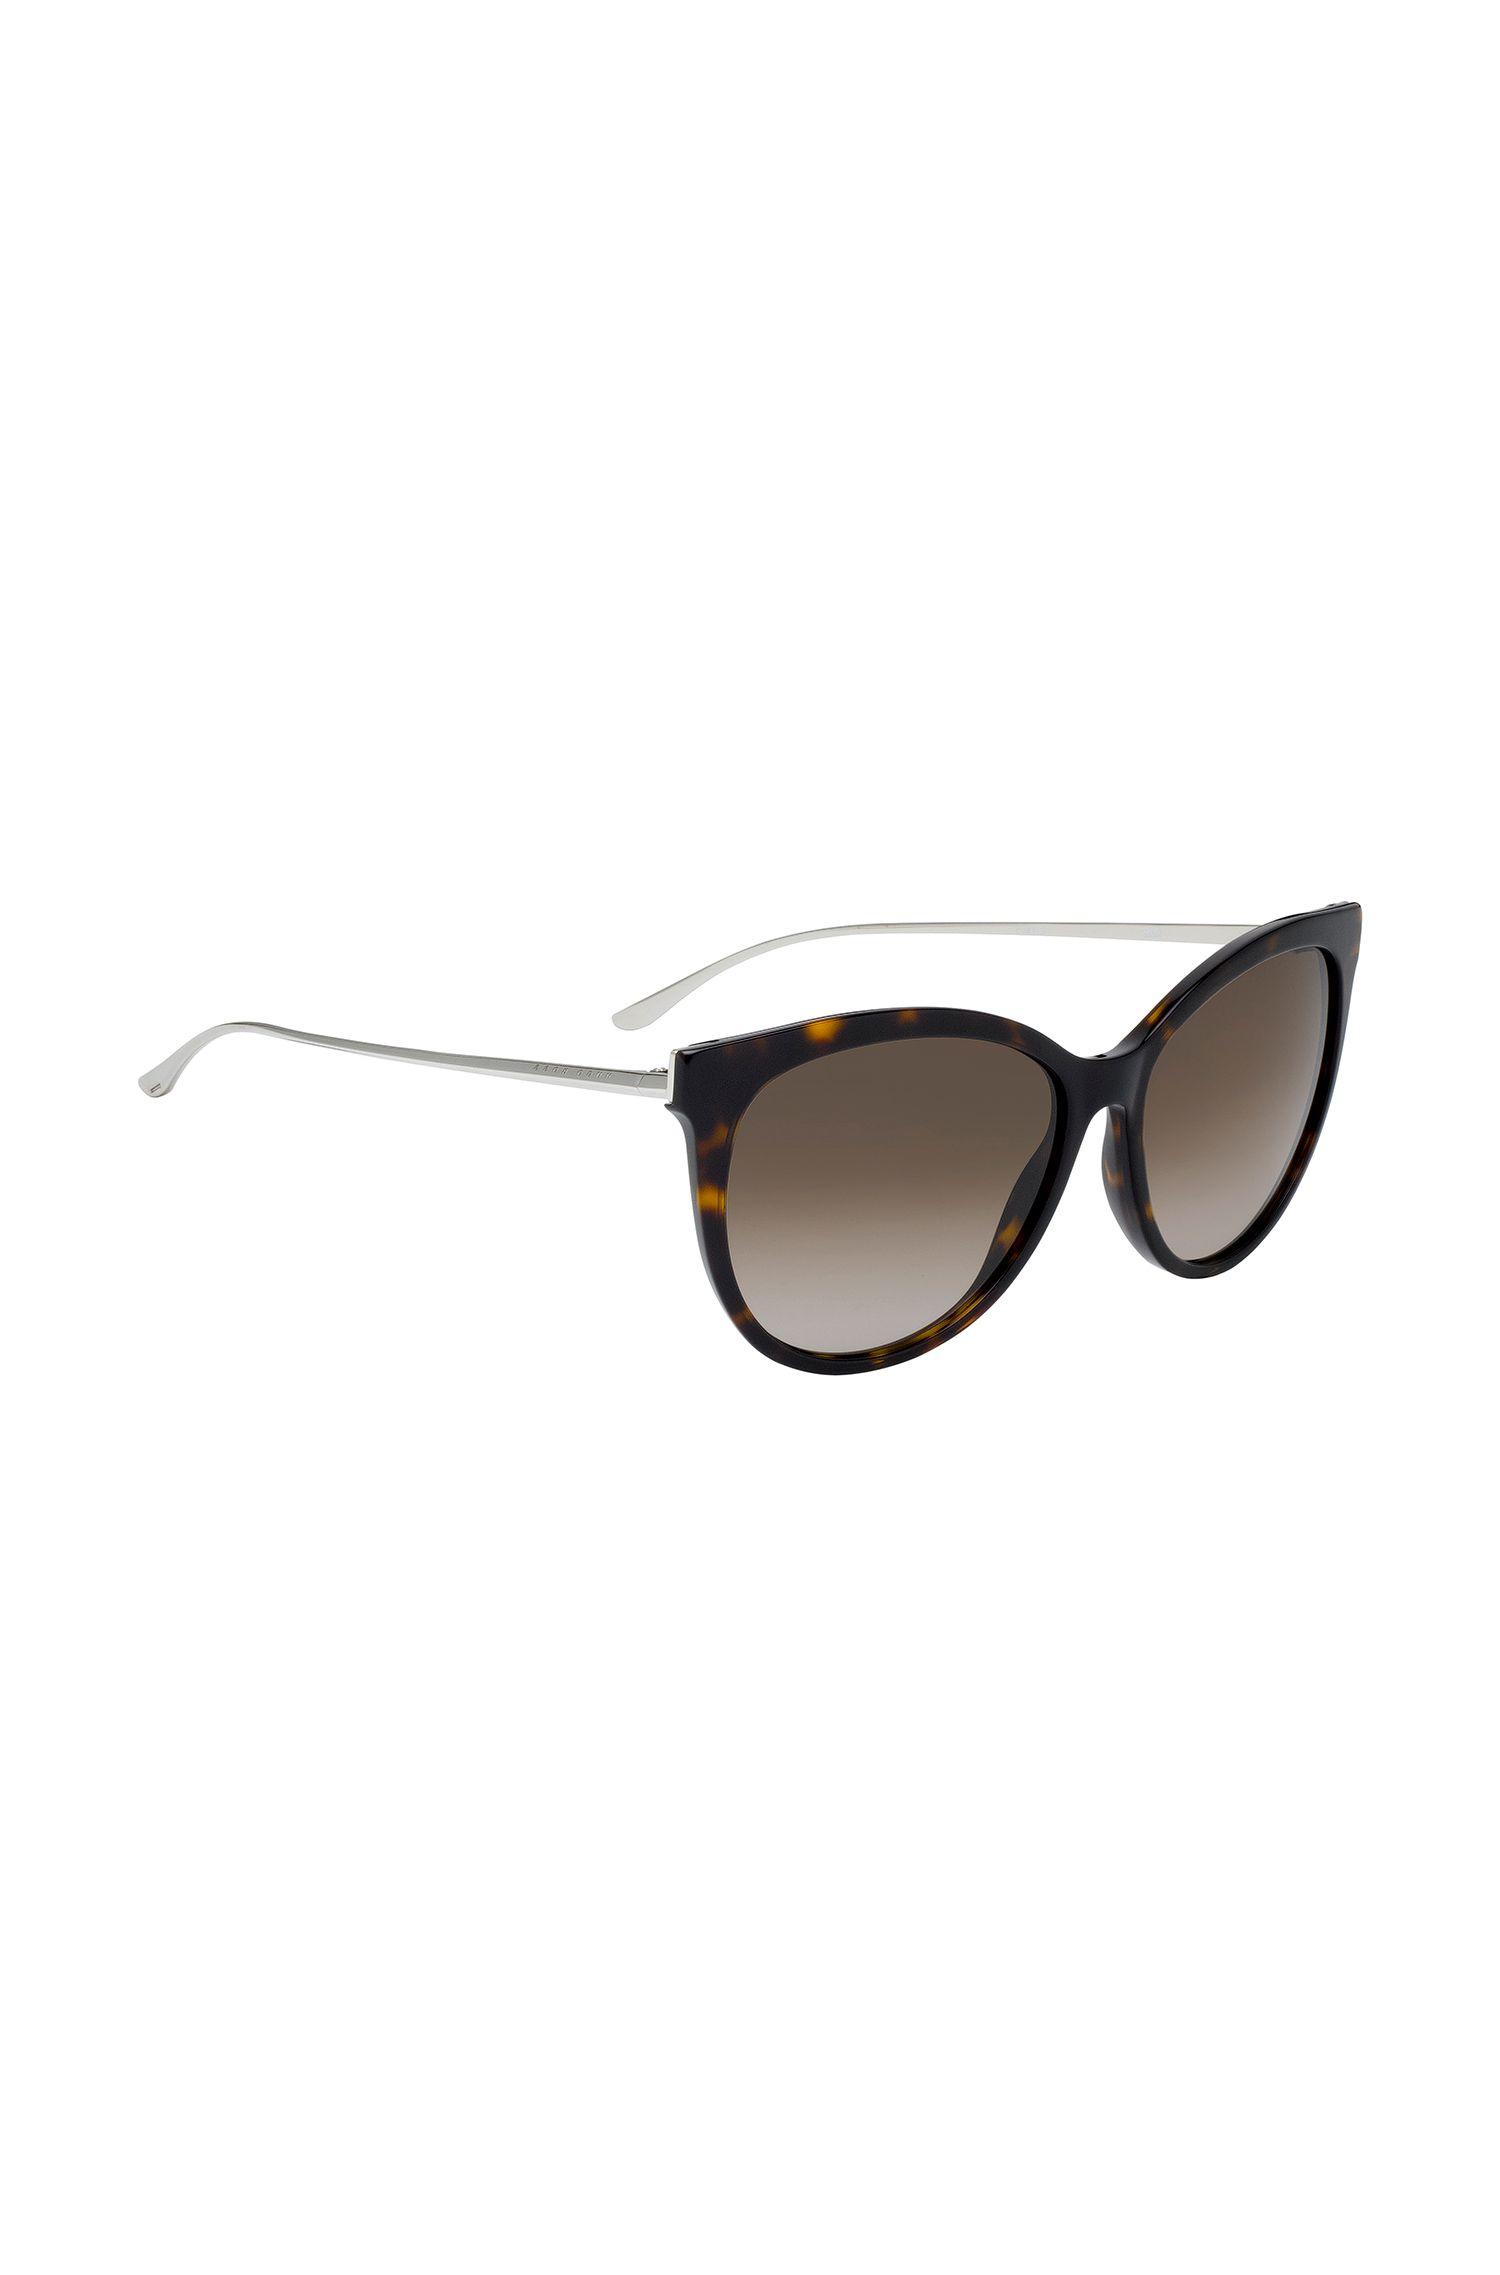 Cateye-Sonnenbrille aus Acetat mit gelasertem Logo